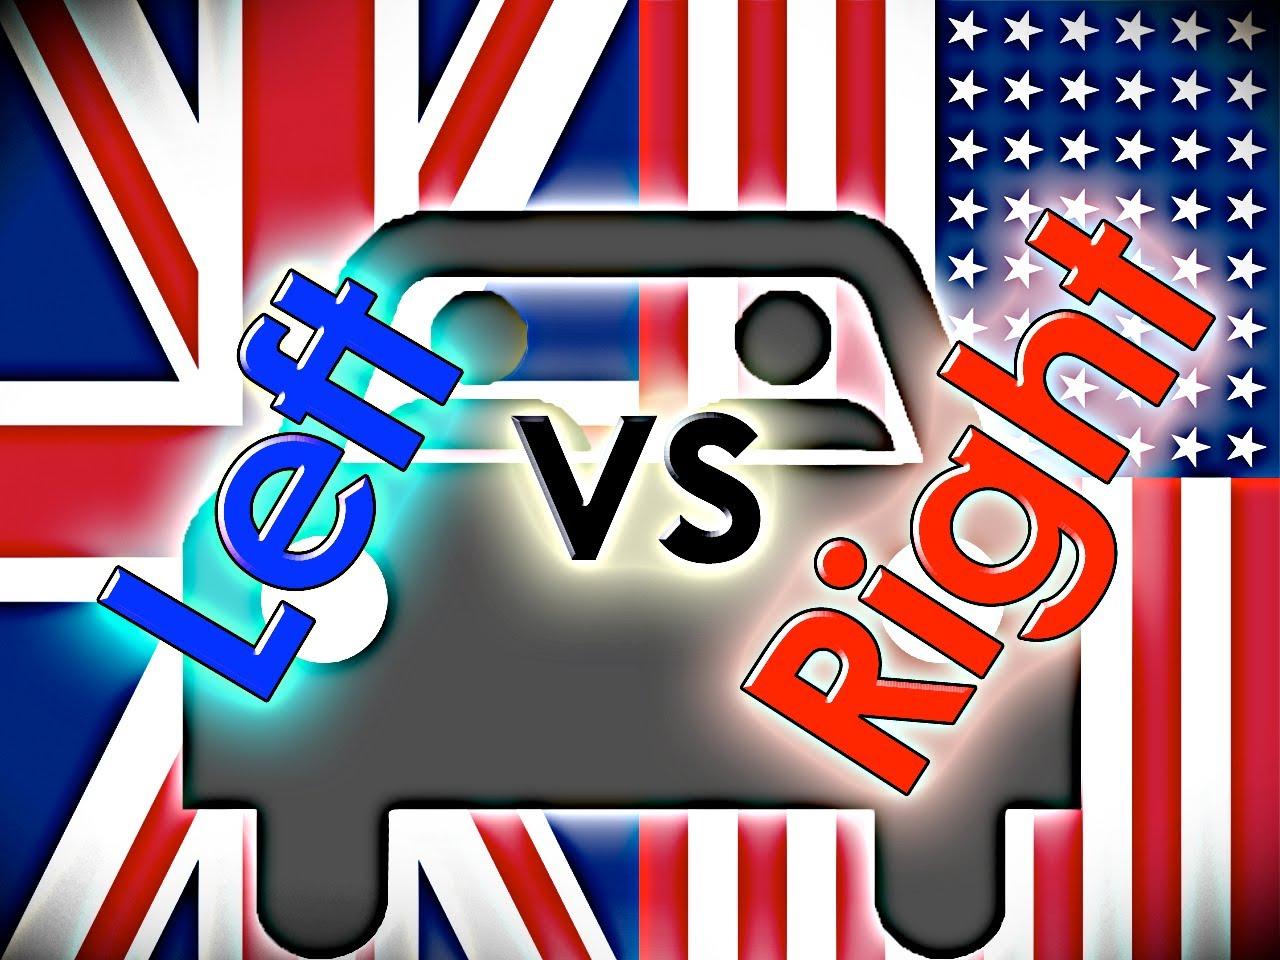 「為什麼有左駕、右駕之分呢?讓歷史說給你聽!」- Left vs. Right